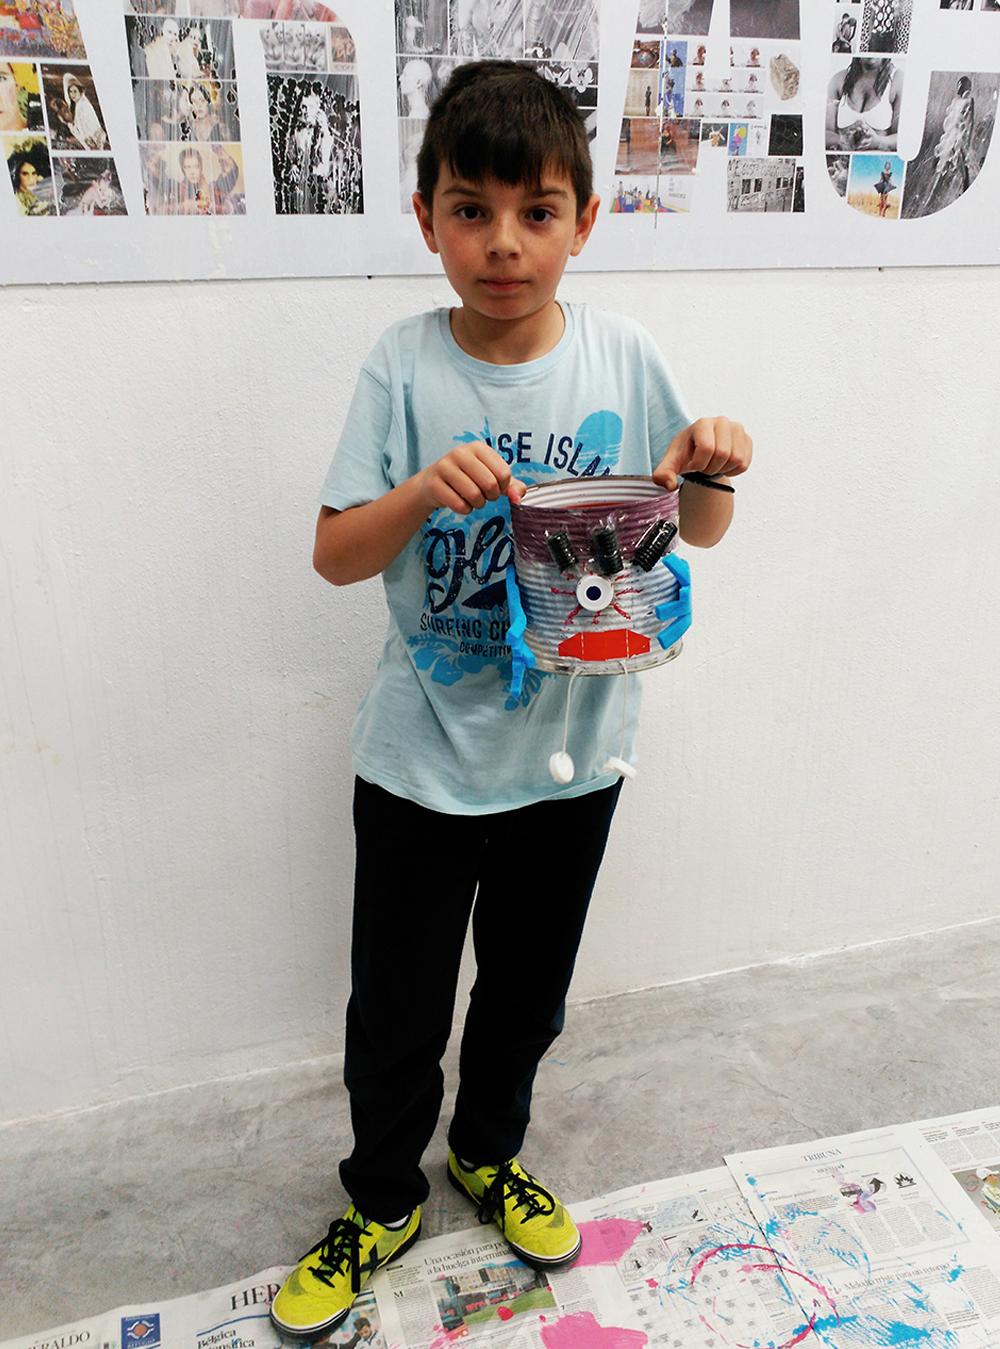 Taller infantil de maceteros realizado con materiales reciclados